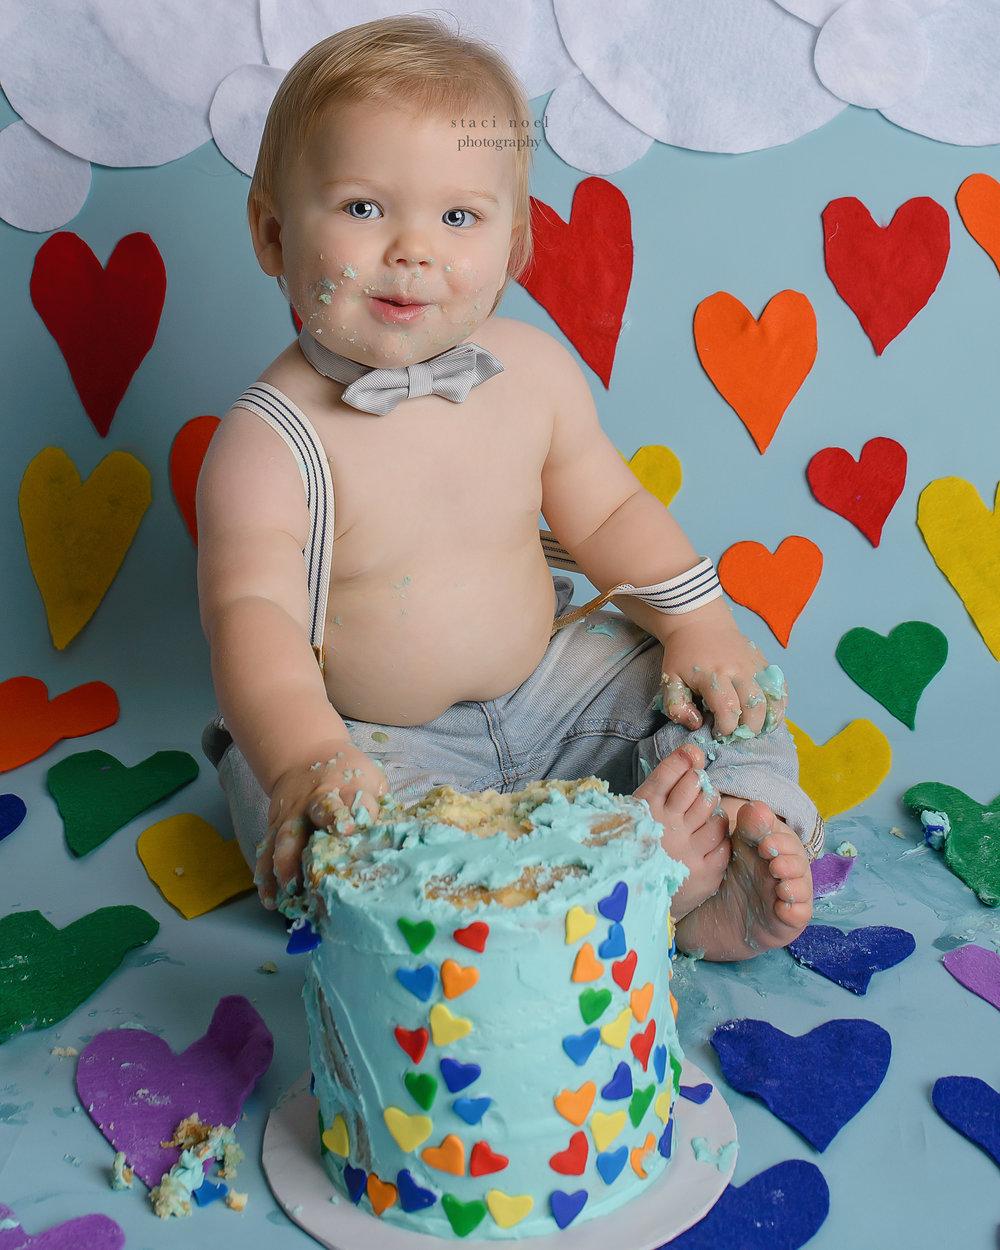 charlotte baby photographer staci noel.3.jpg